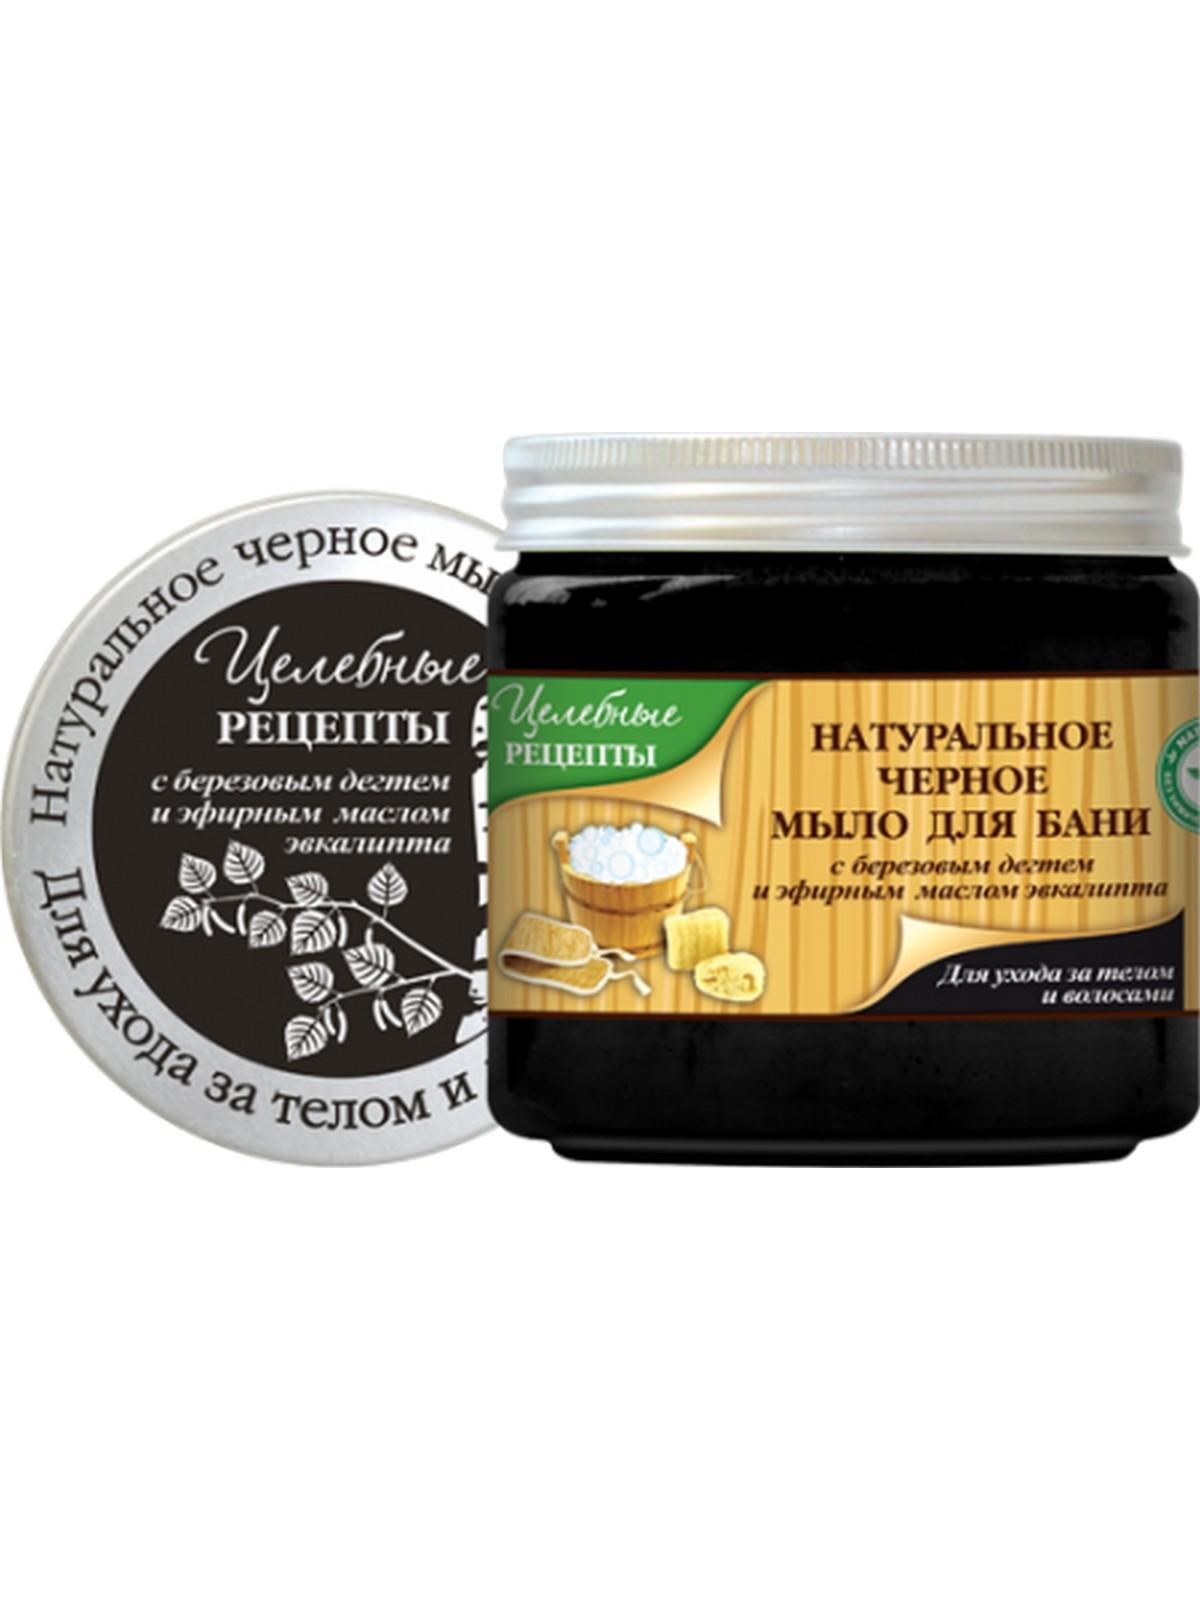 Целебные рецепты Натуральное Черное мыло для бани для ухода за телом и волосами 500 млFS-54114Важные ингредиенты натурального черного мыла для бани деготь и эфирное масло эвкалипта. Особо о дегте. В нем свыше 10 тысяч полезных веществ. Органические кислоты, фитонциды и смолистые вещества. Он является природным антисептиком, обладает противовоспалительным и противогрибковым действием, помогает коже регенерироваться, усиливает кровообращение и оказывает на нее омолаживающее действие, стимулирует рост волос. В обязанность эфирного масла эвкалипта входит улучшение микроциркуляции крови кожи головы и активизация роста волос, оказание дезинфицирующего действия, снятие зуда и воспаления кожного покрова.Уважаемые клиенты!Обращаем ваше внимание на возможные изменения в дизайне упаковки. Качественные характеристики товара остаются неизменными. Поставка осуществляется в зависимости от наличия на складе.